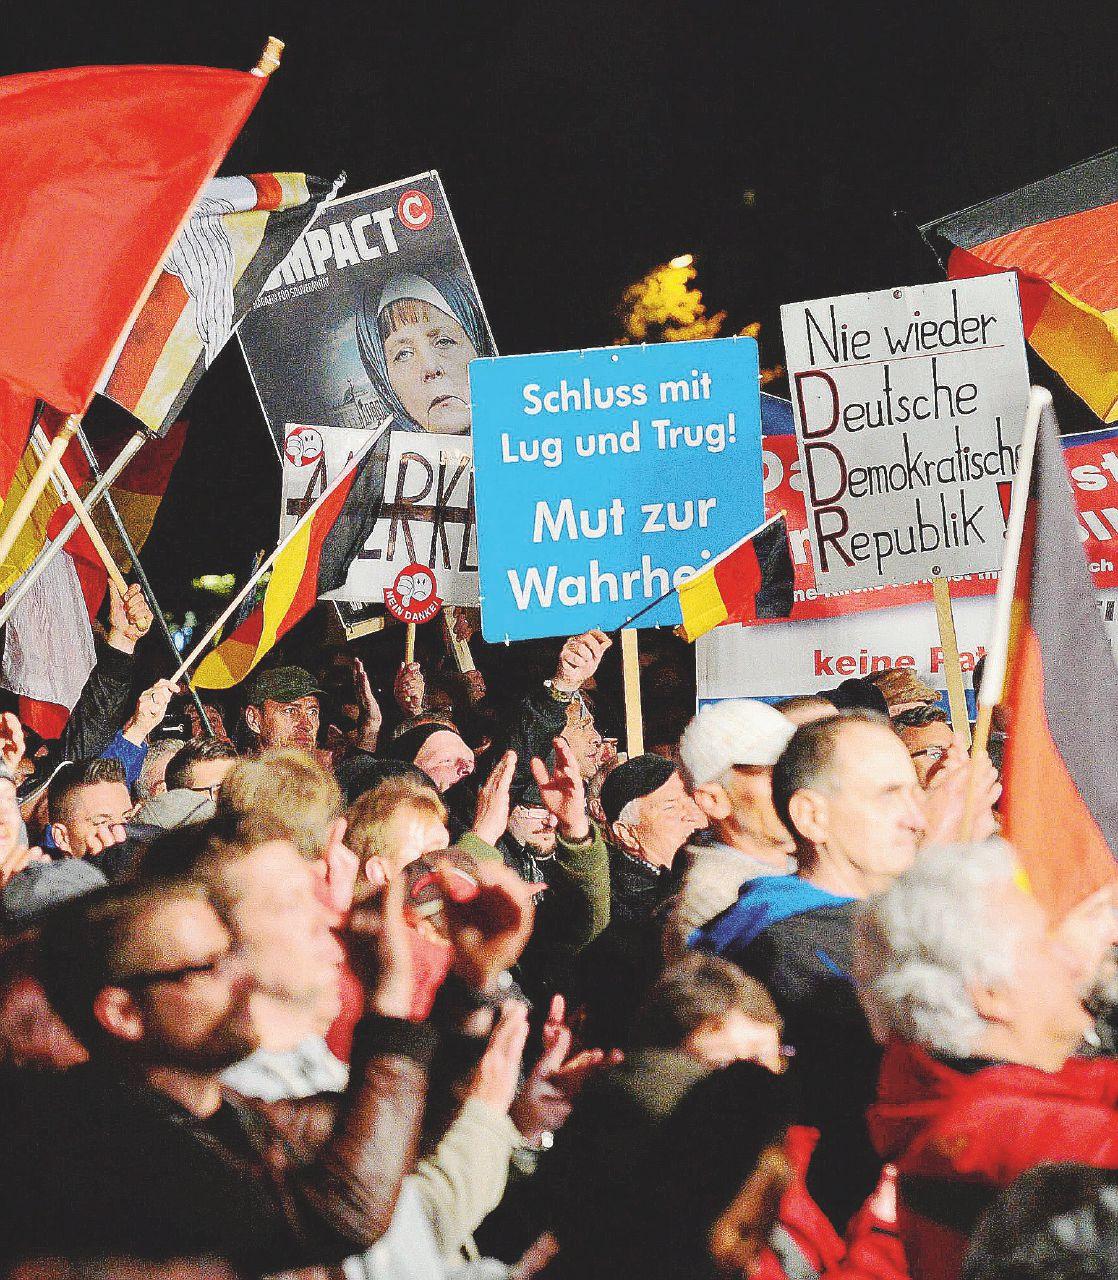 Merkel, migranti e sfiducia corsa a ostacoli per il 2017